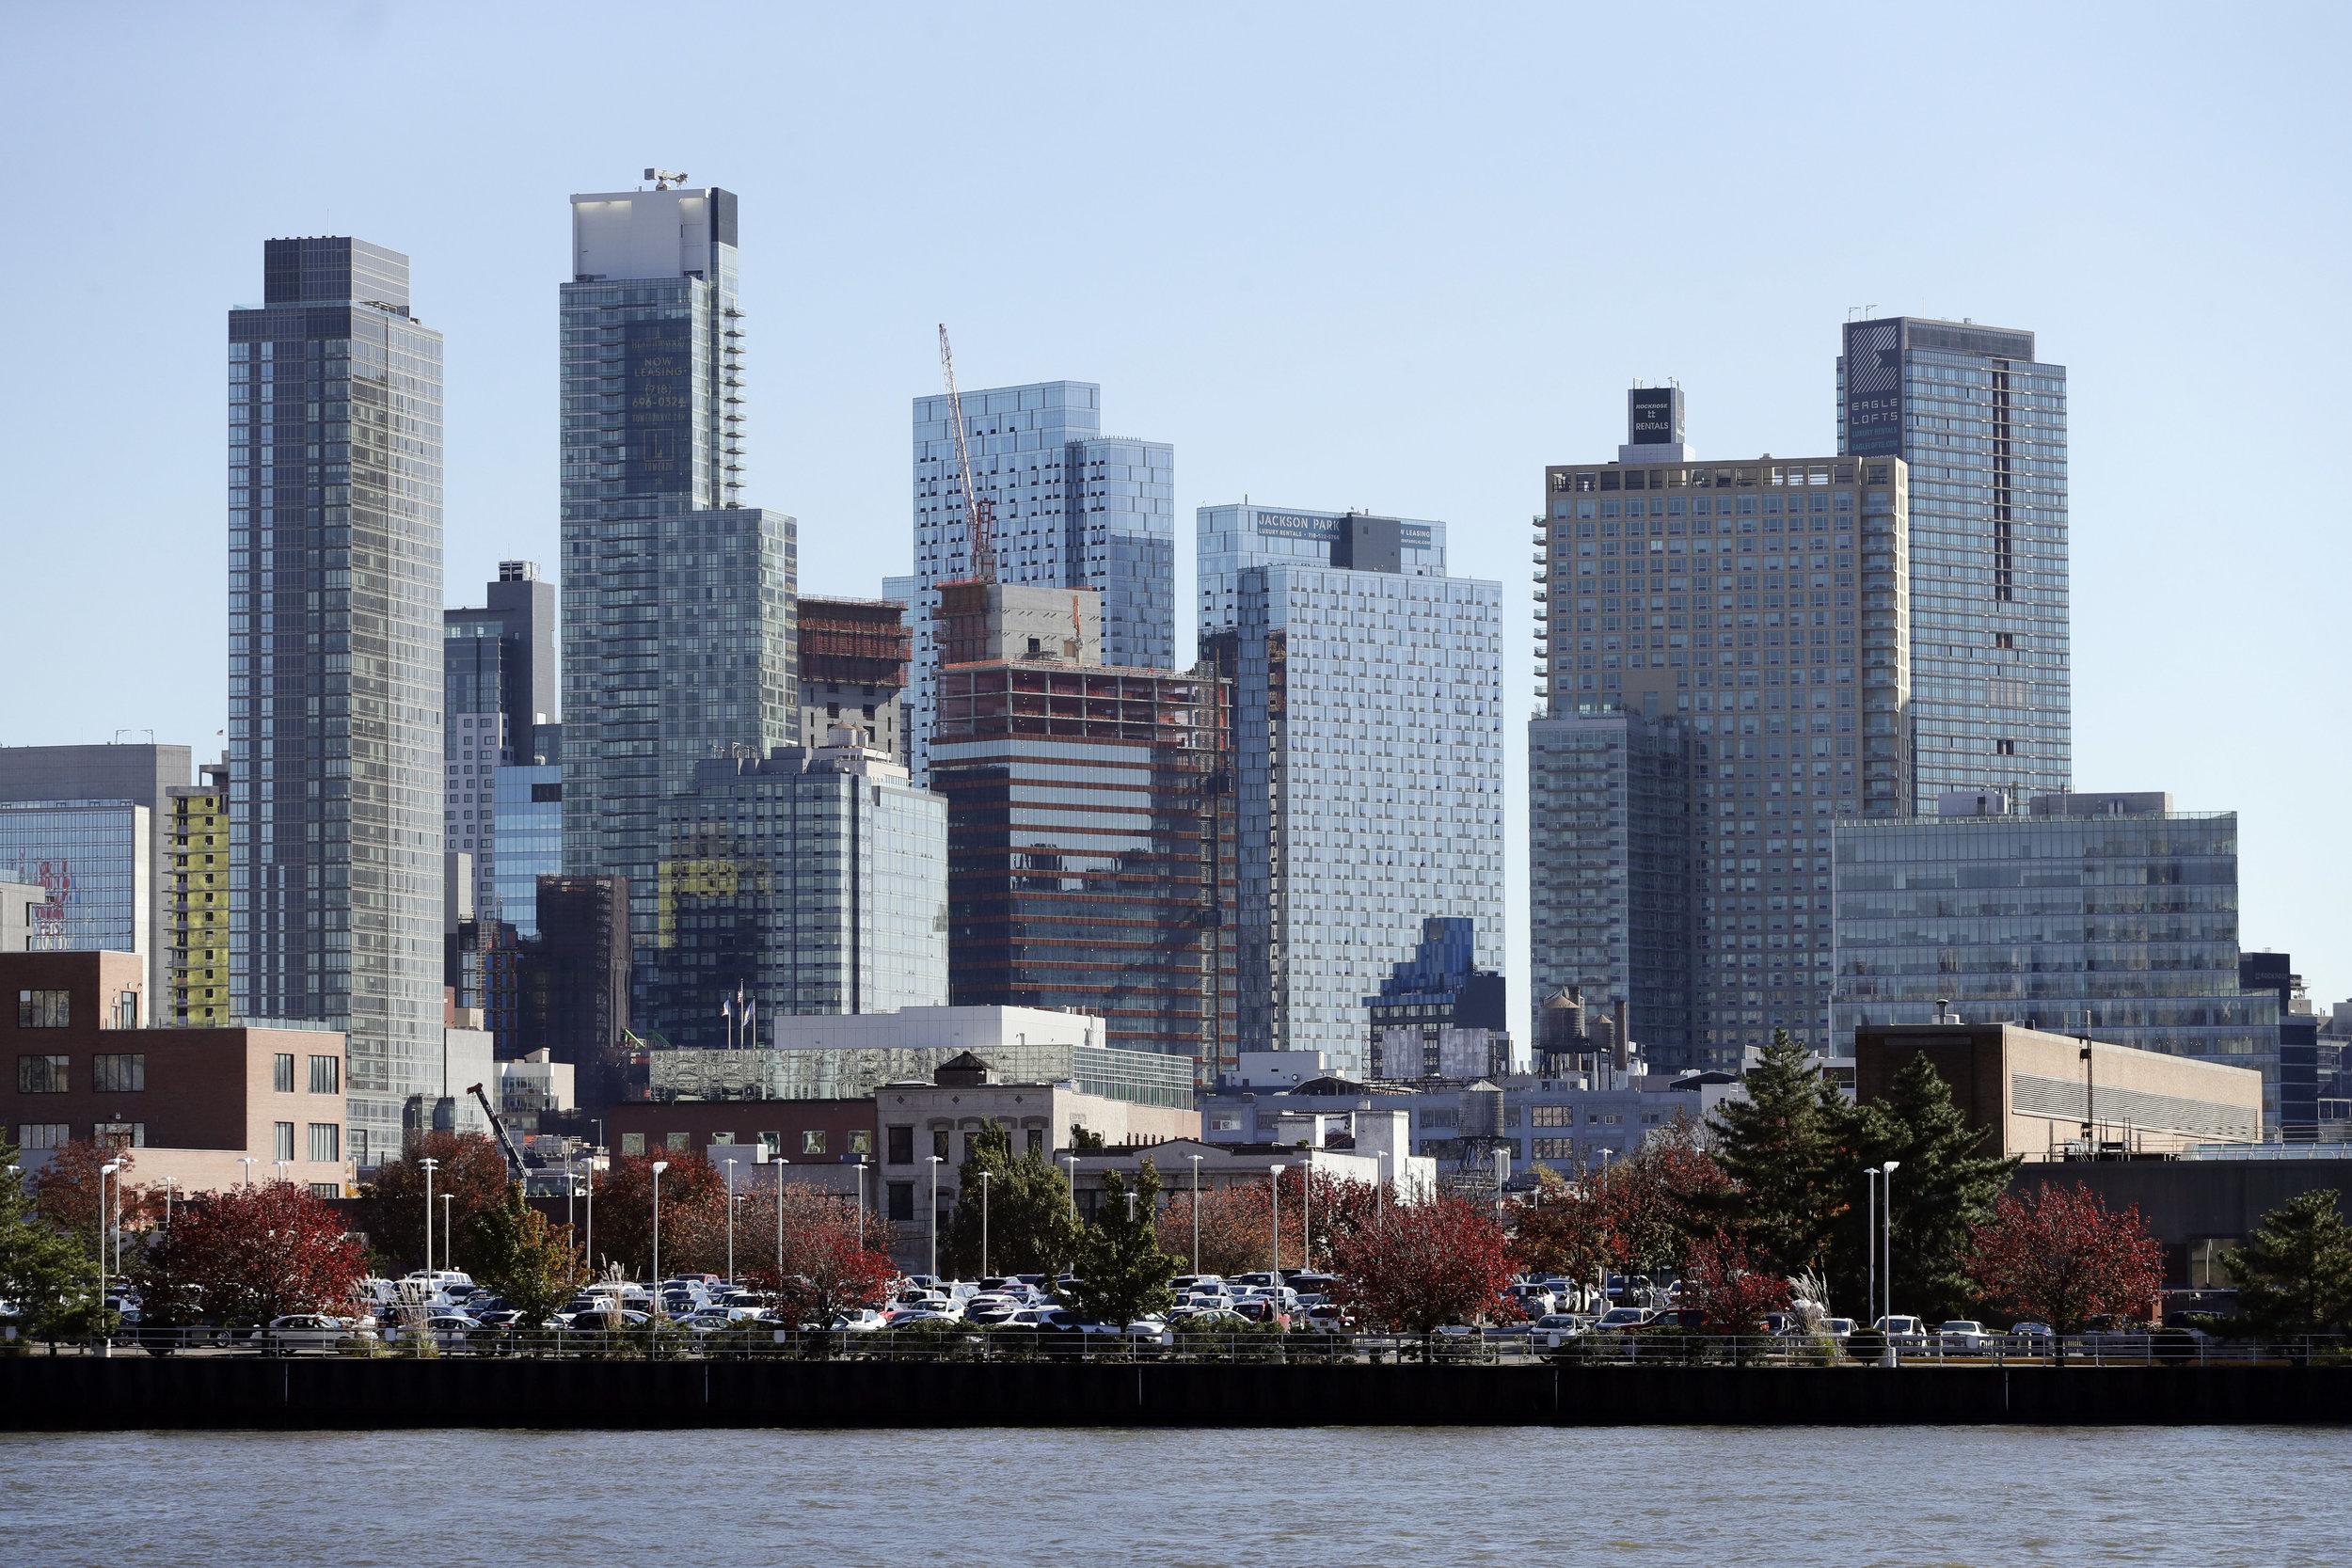 The Long Island City skyline. AP Photo by Mark Lennihan.